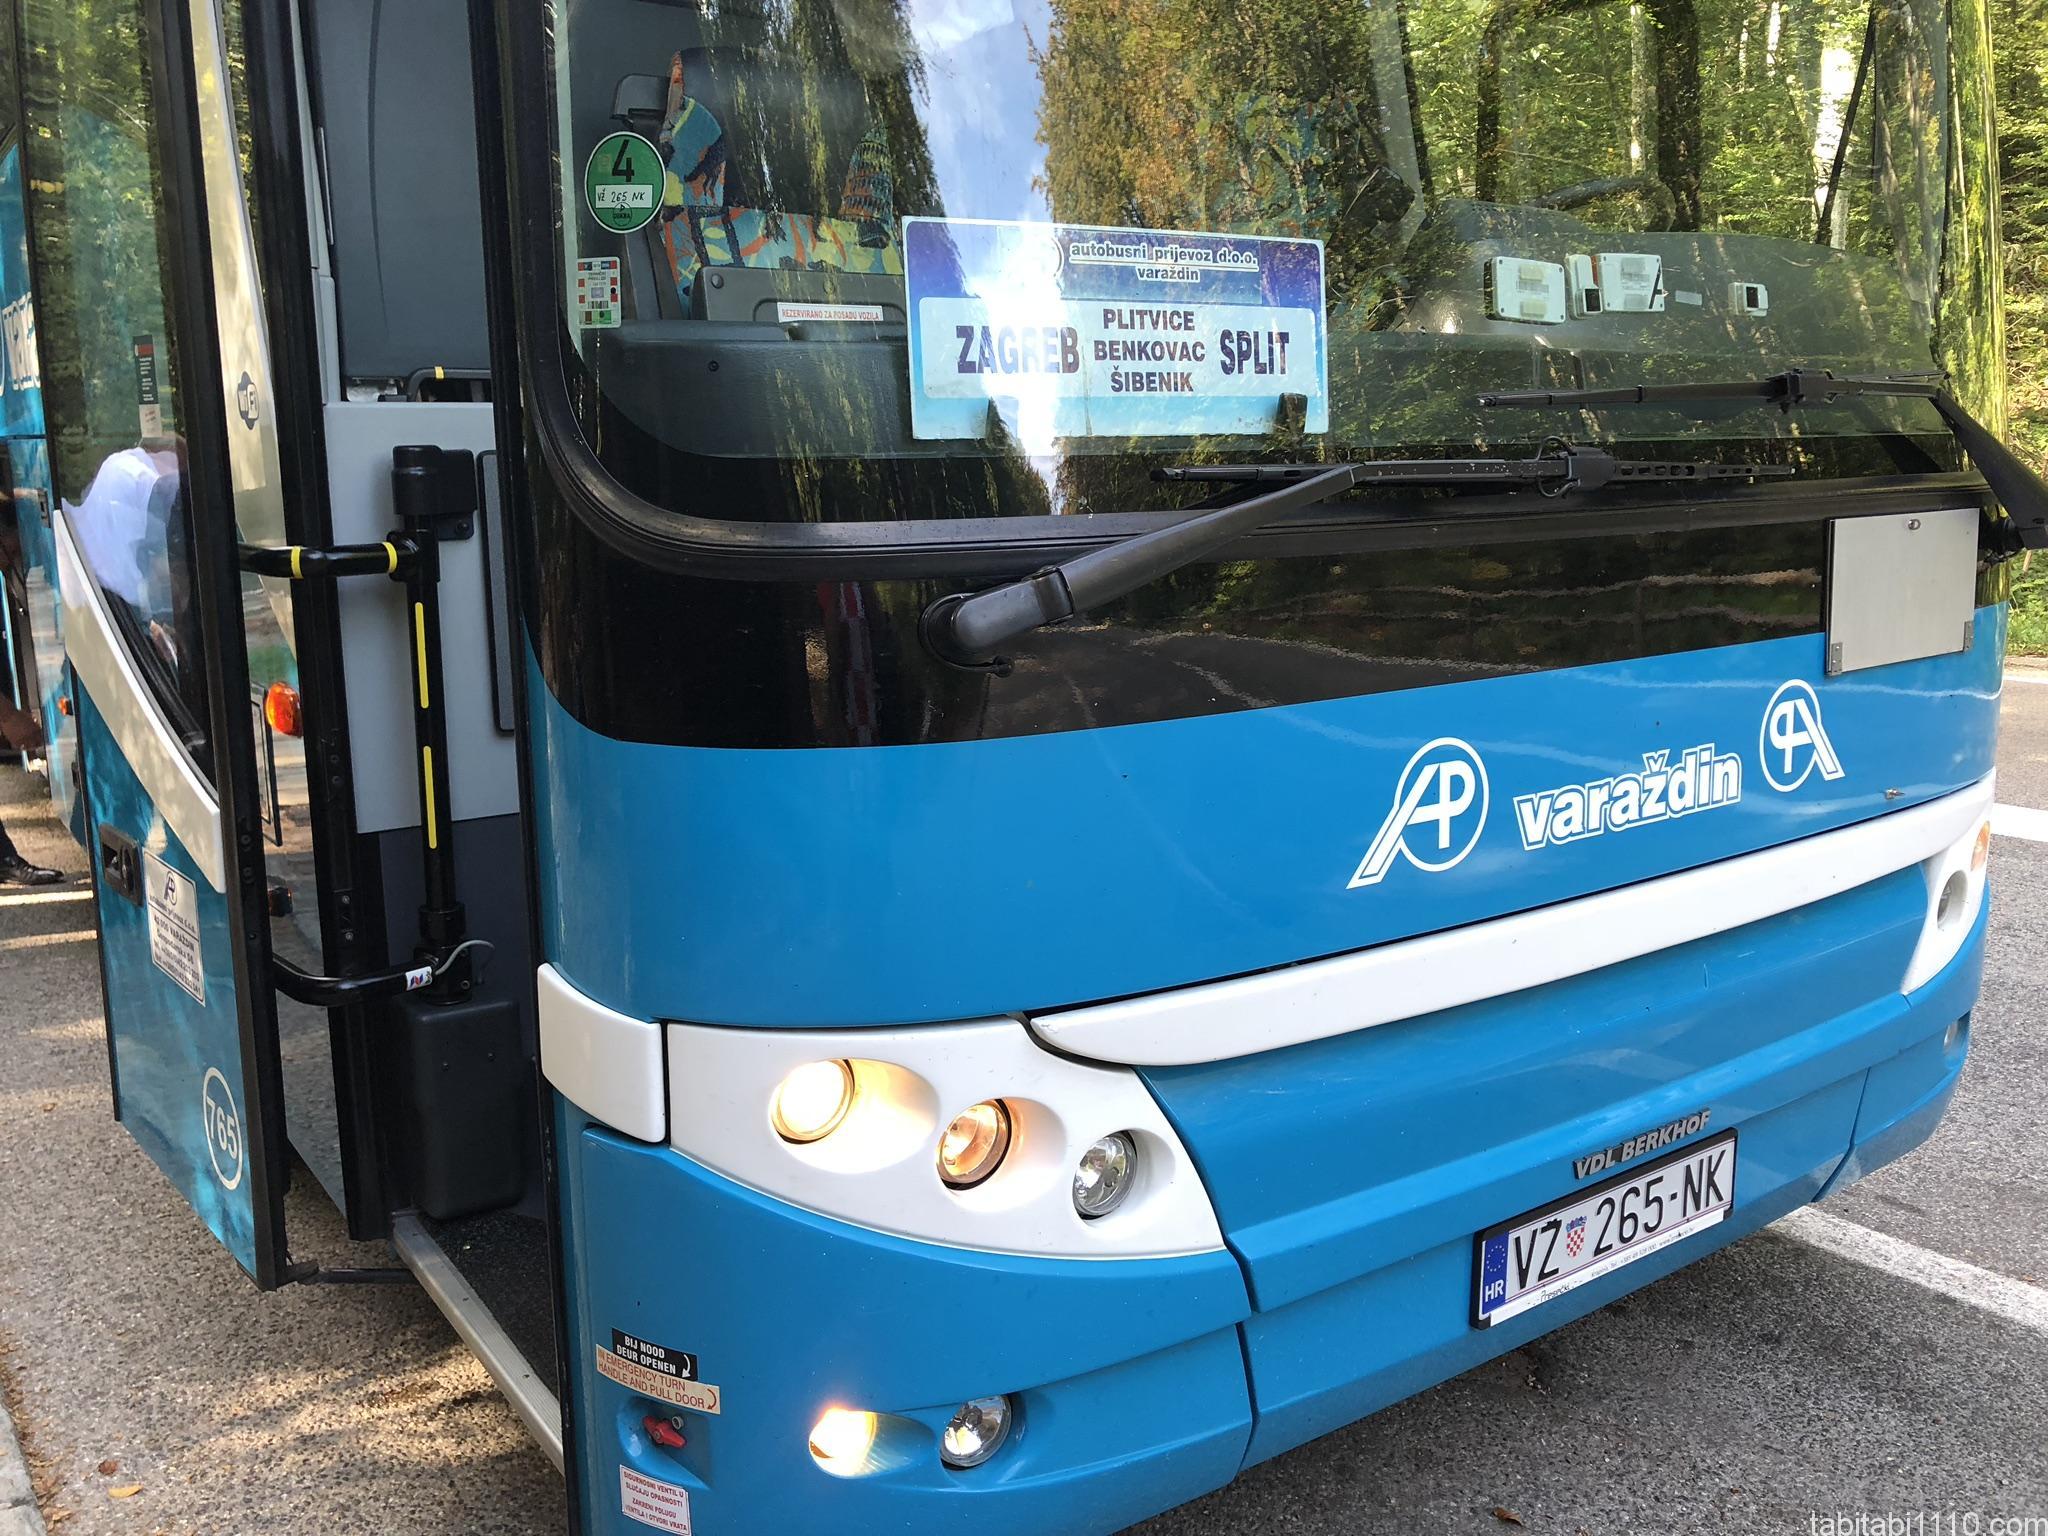 プリトヴィッチェからスプリット|バス